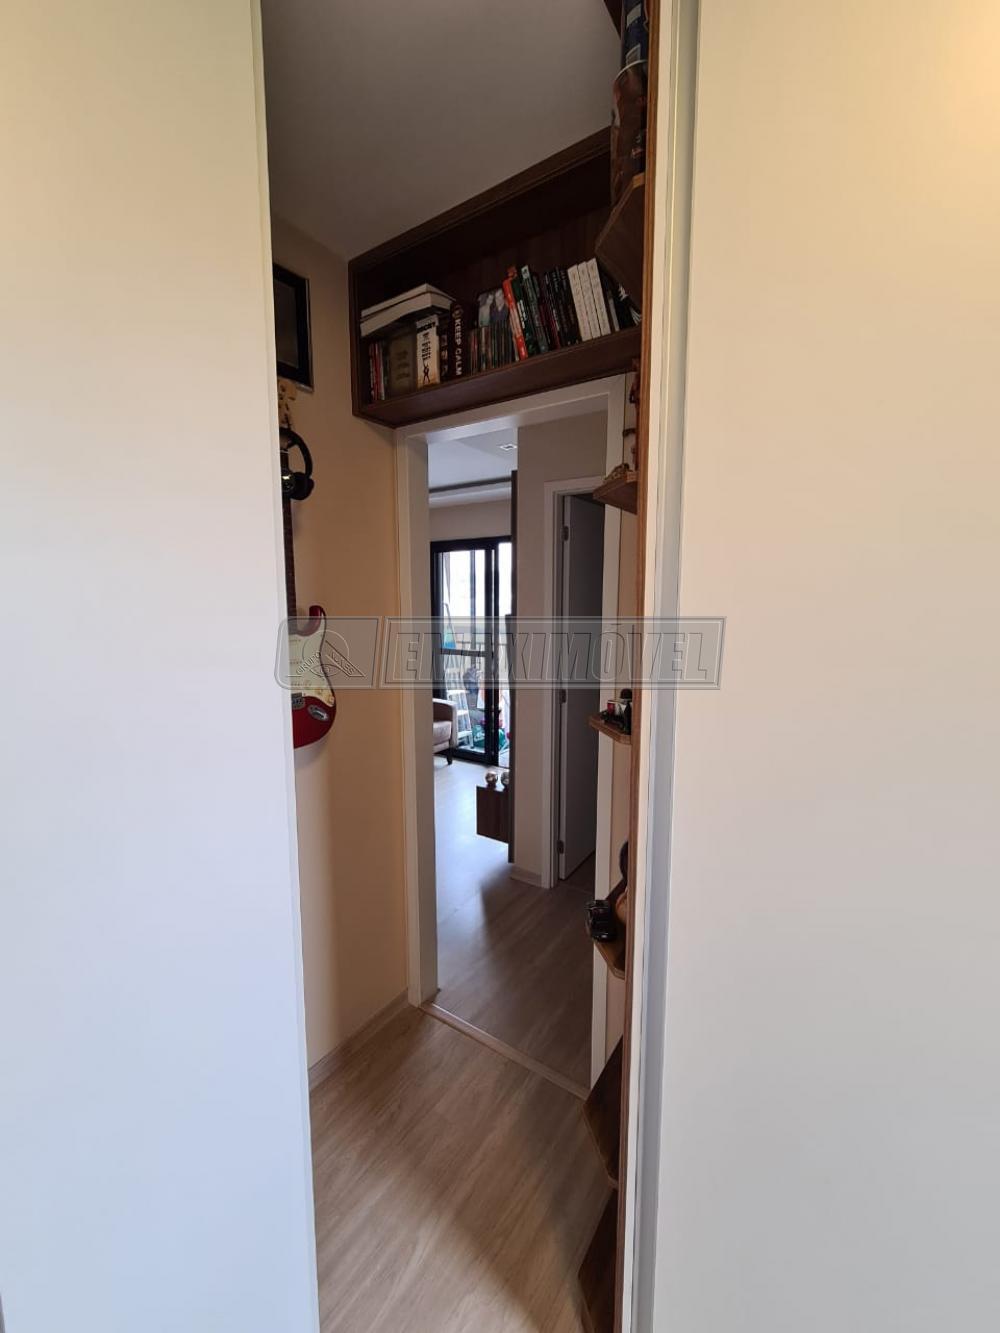 Comprar Apartamentos / Apto Padrão em Sorocaba R$ 350.000,00 - Foto 11